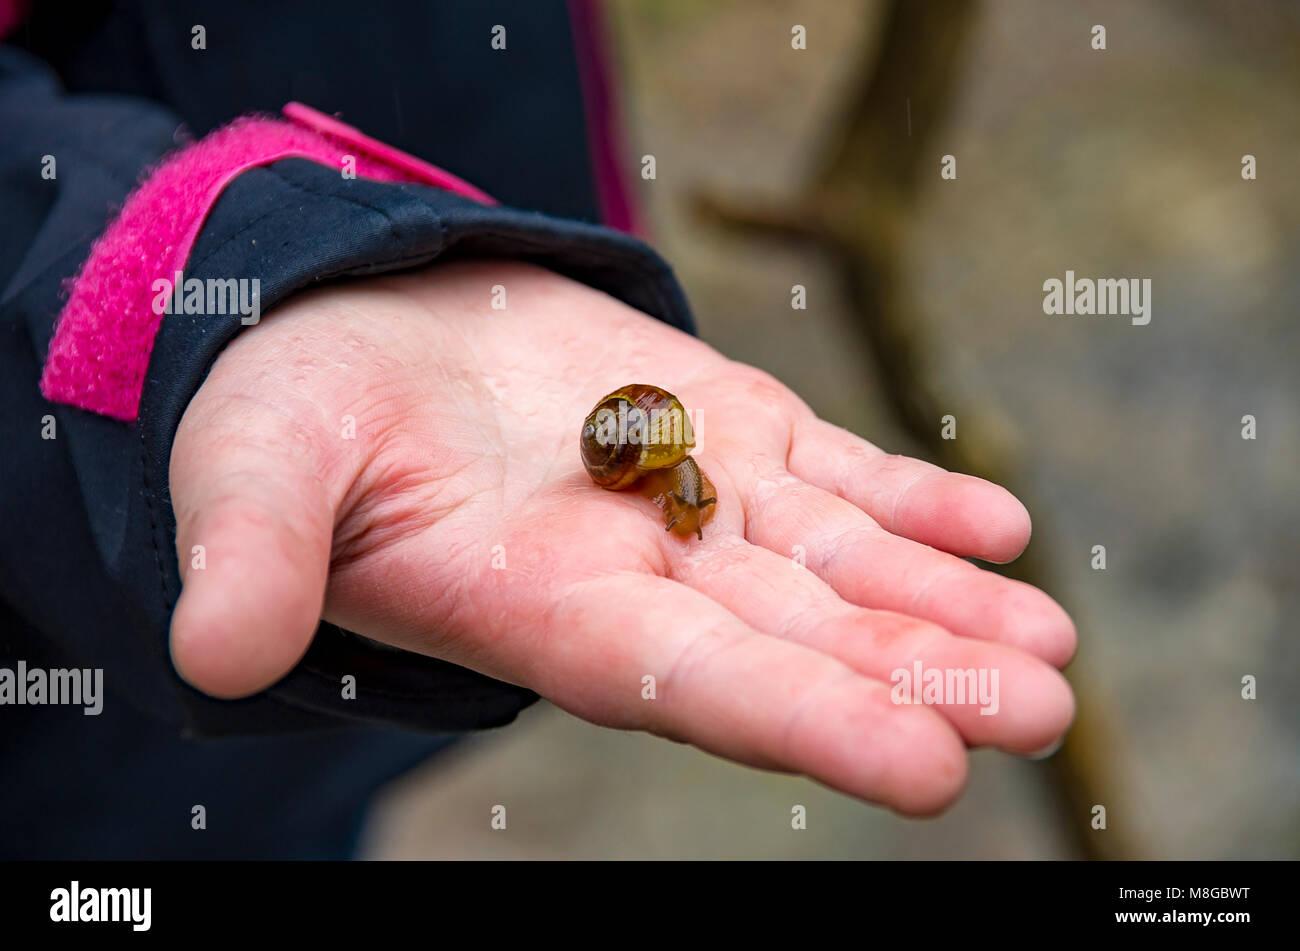 Kleine Schnecke auf einer menschlichen Hand. Stockbild